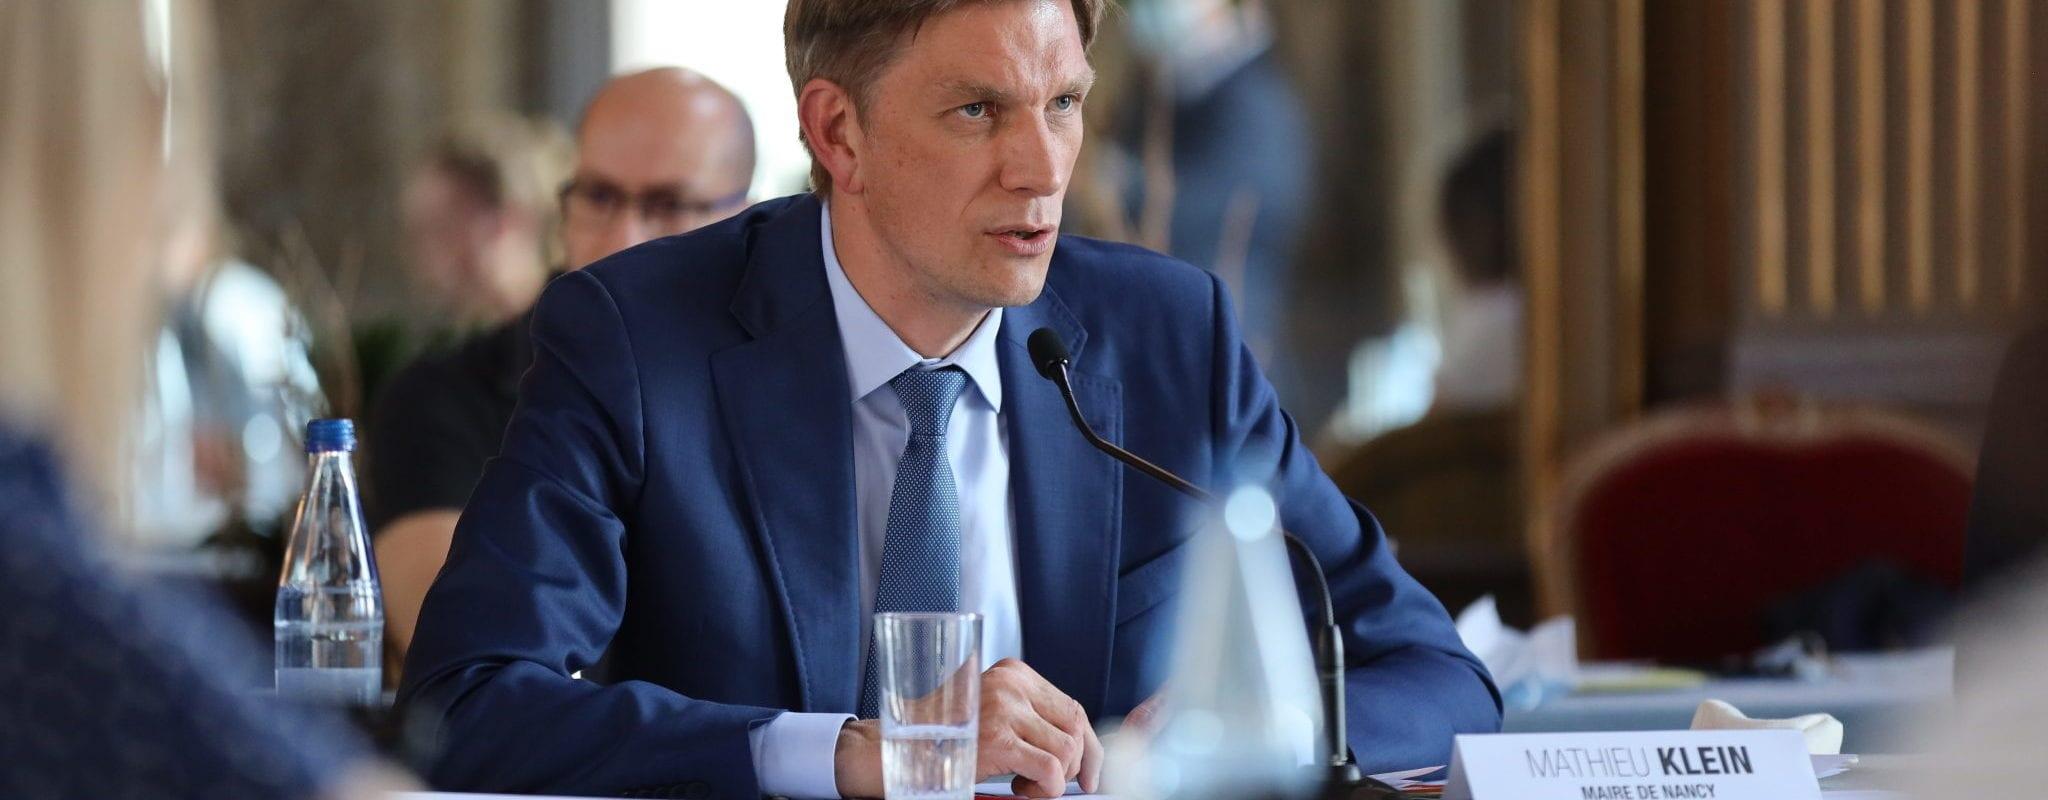 Cinq choses à savoir sur Mathieu Klein le maire de Nancy